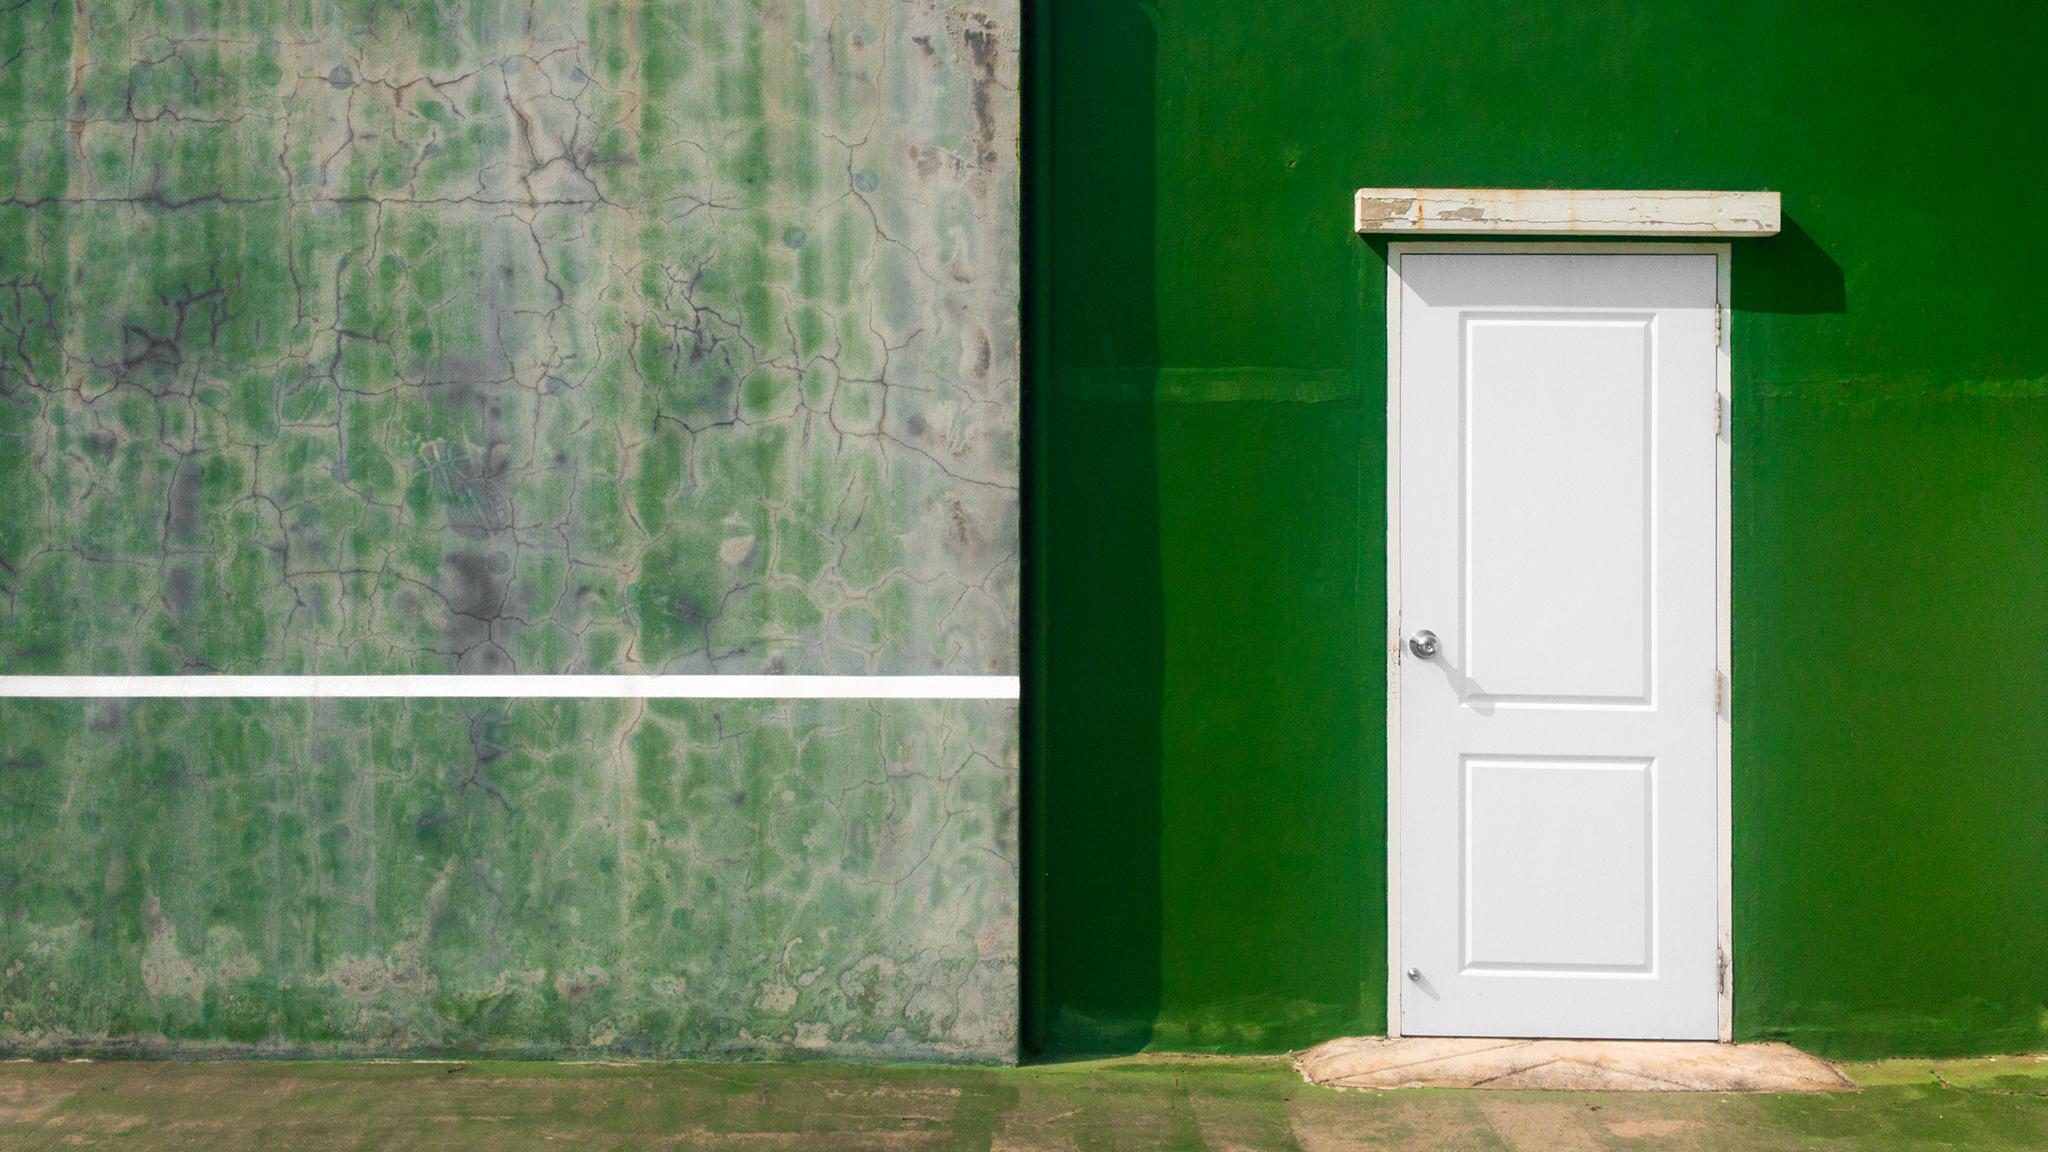 ประตูที่สนามเทนนิส